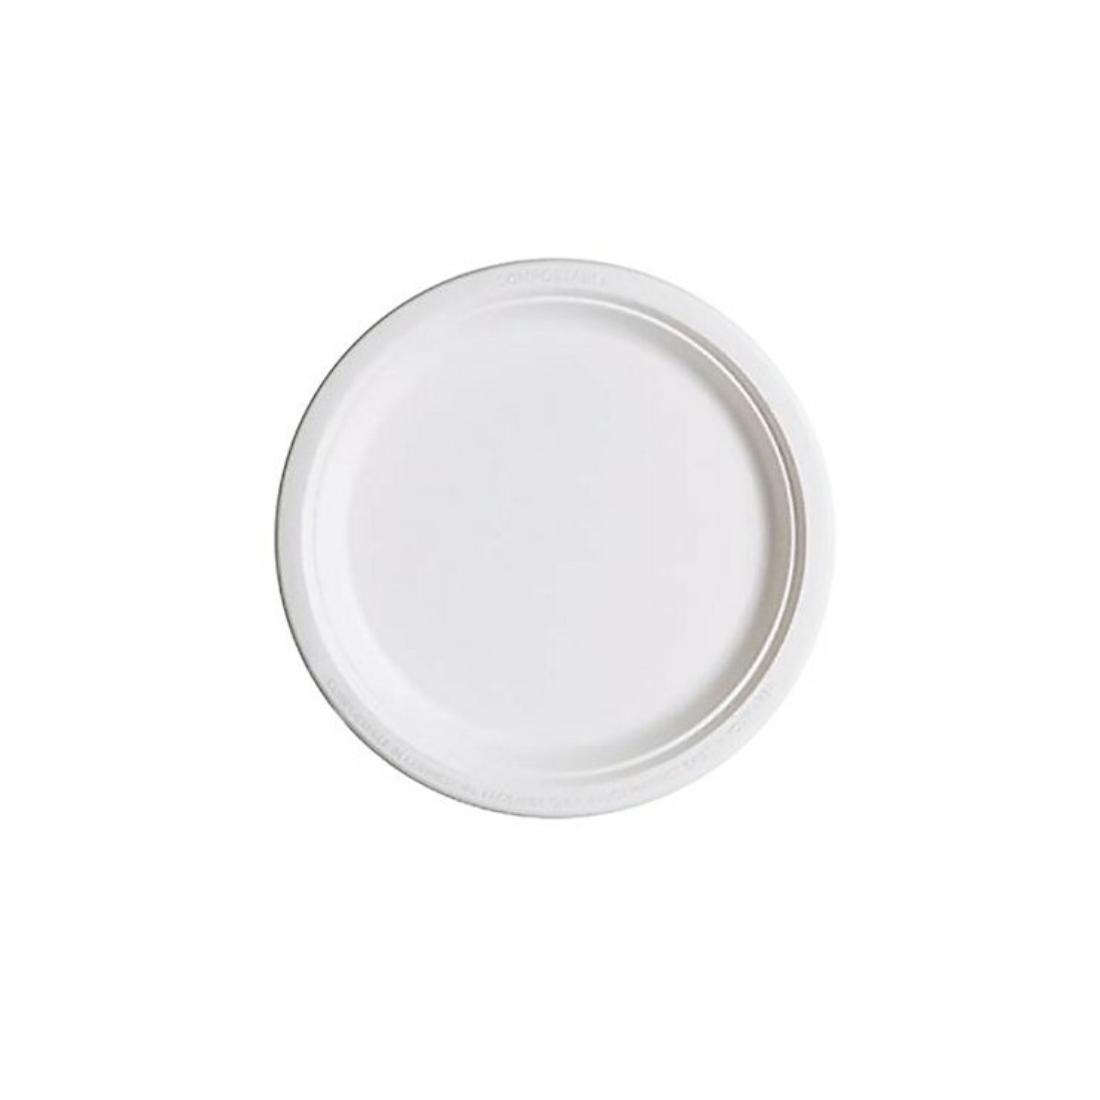 Cukornád tányér 26 cm